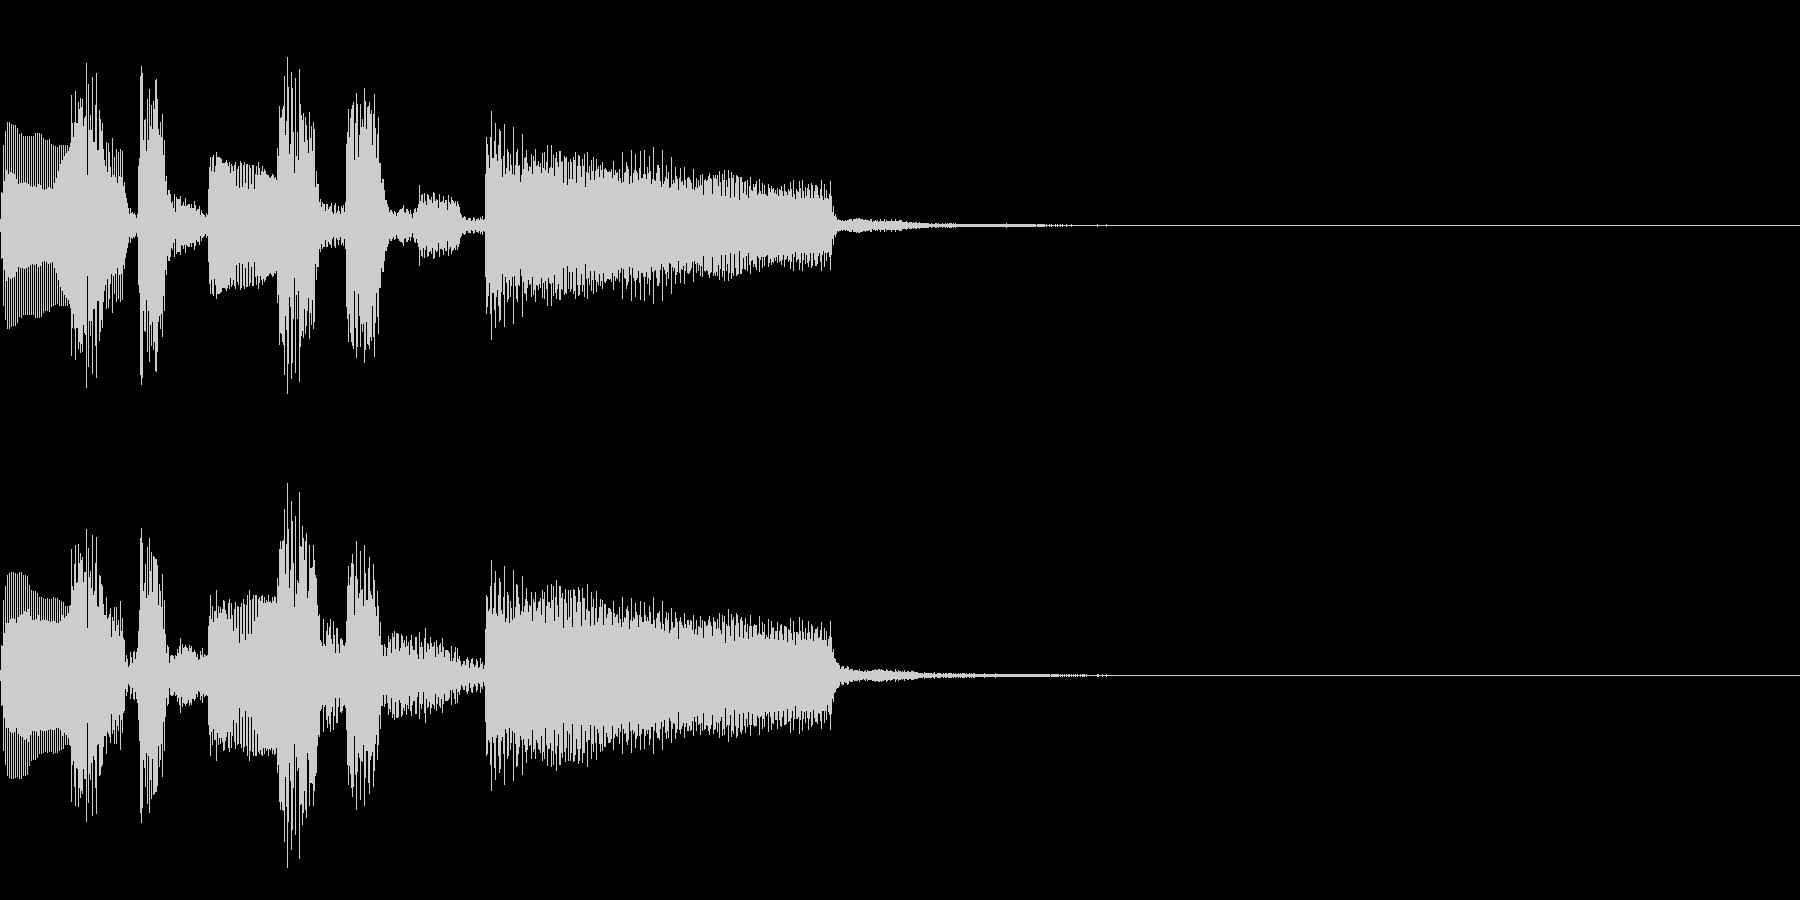 おしゃれなコードの短いジングルの未再生の波形